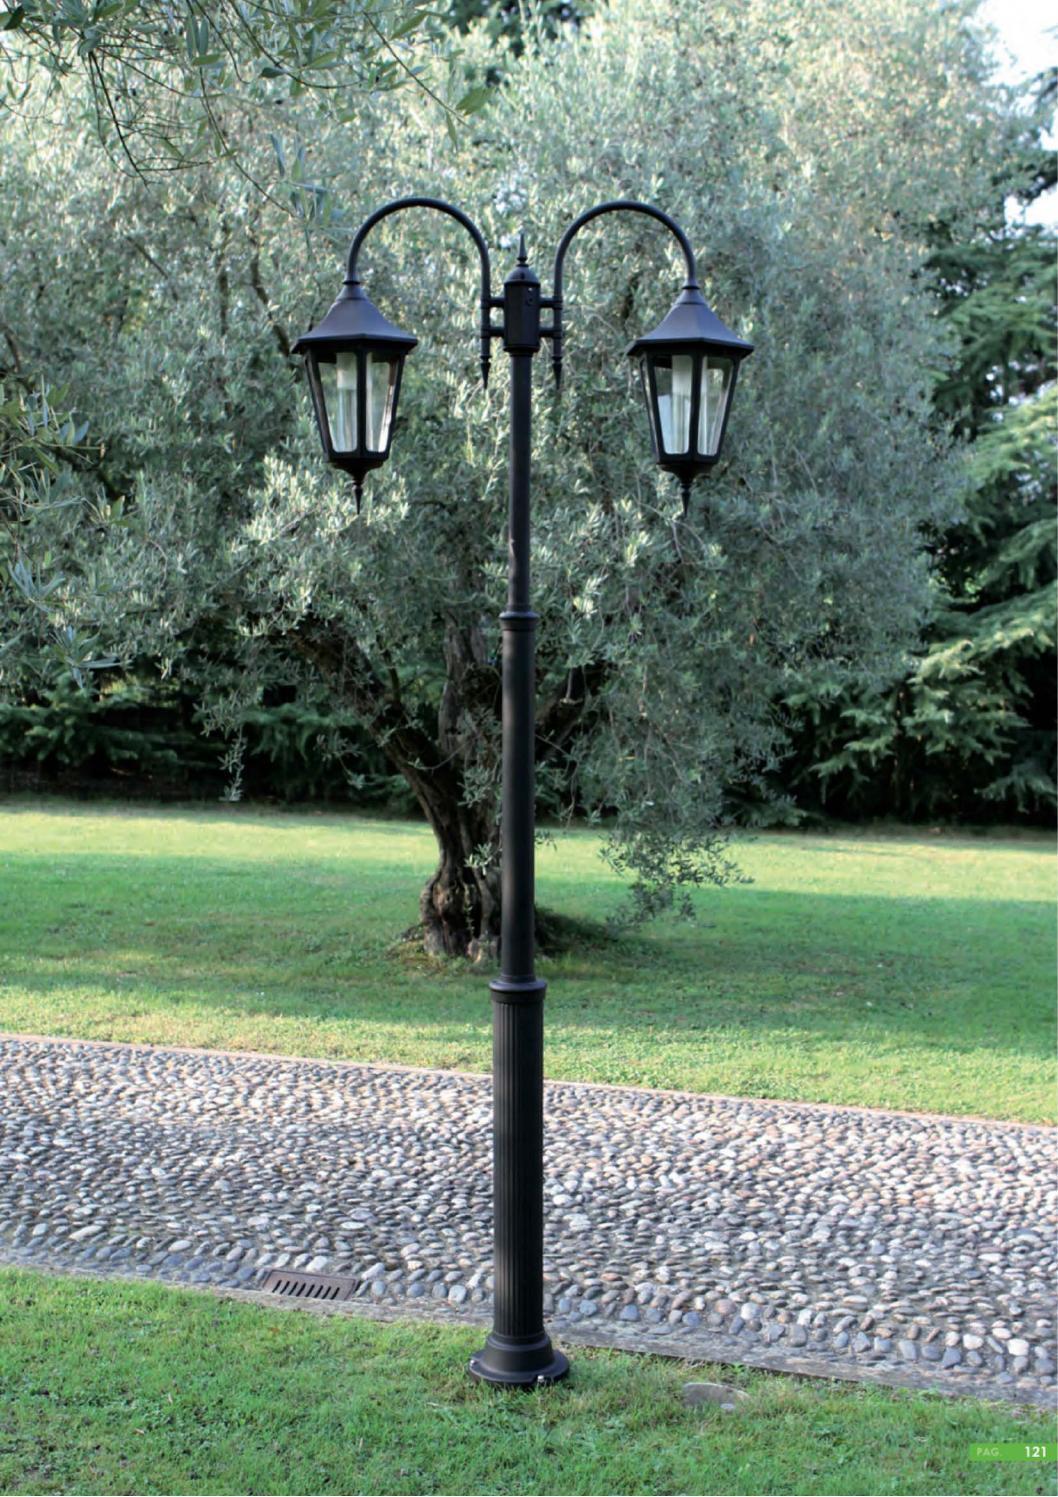 2015年欧美花园户外灯饰灯具设计目